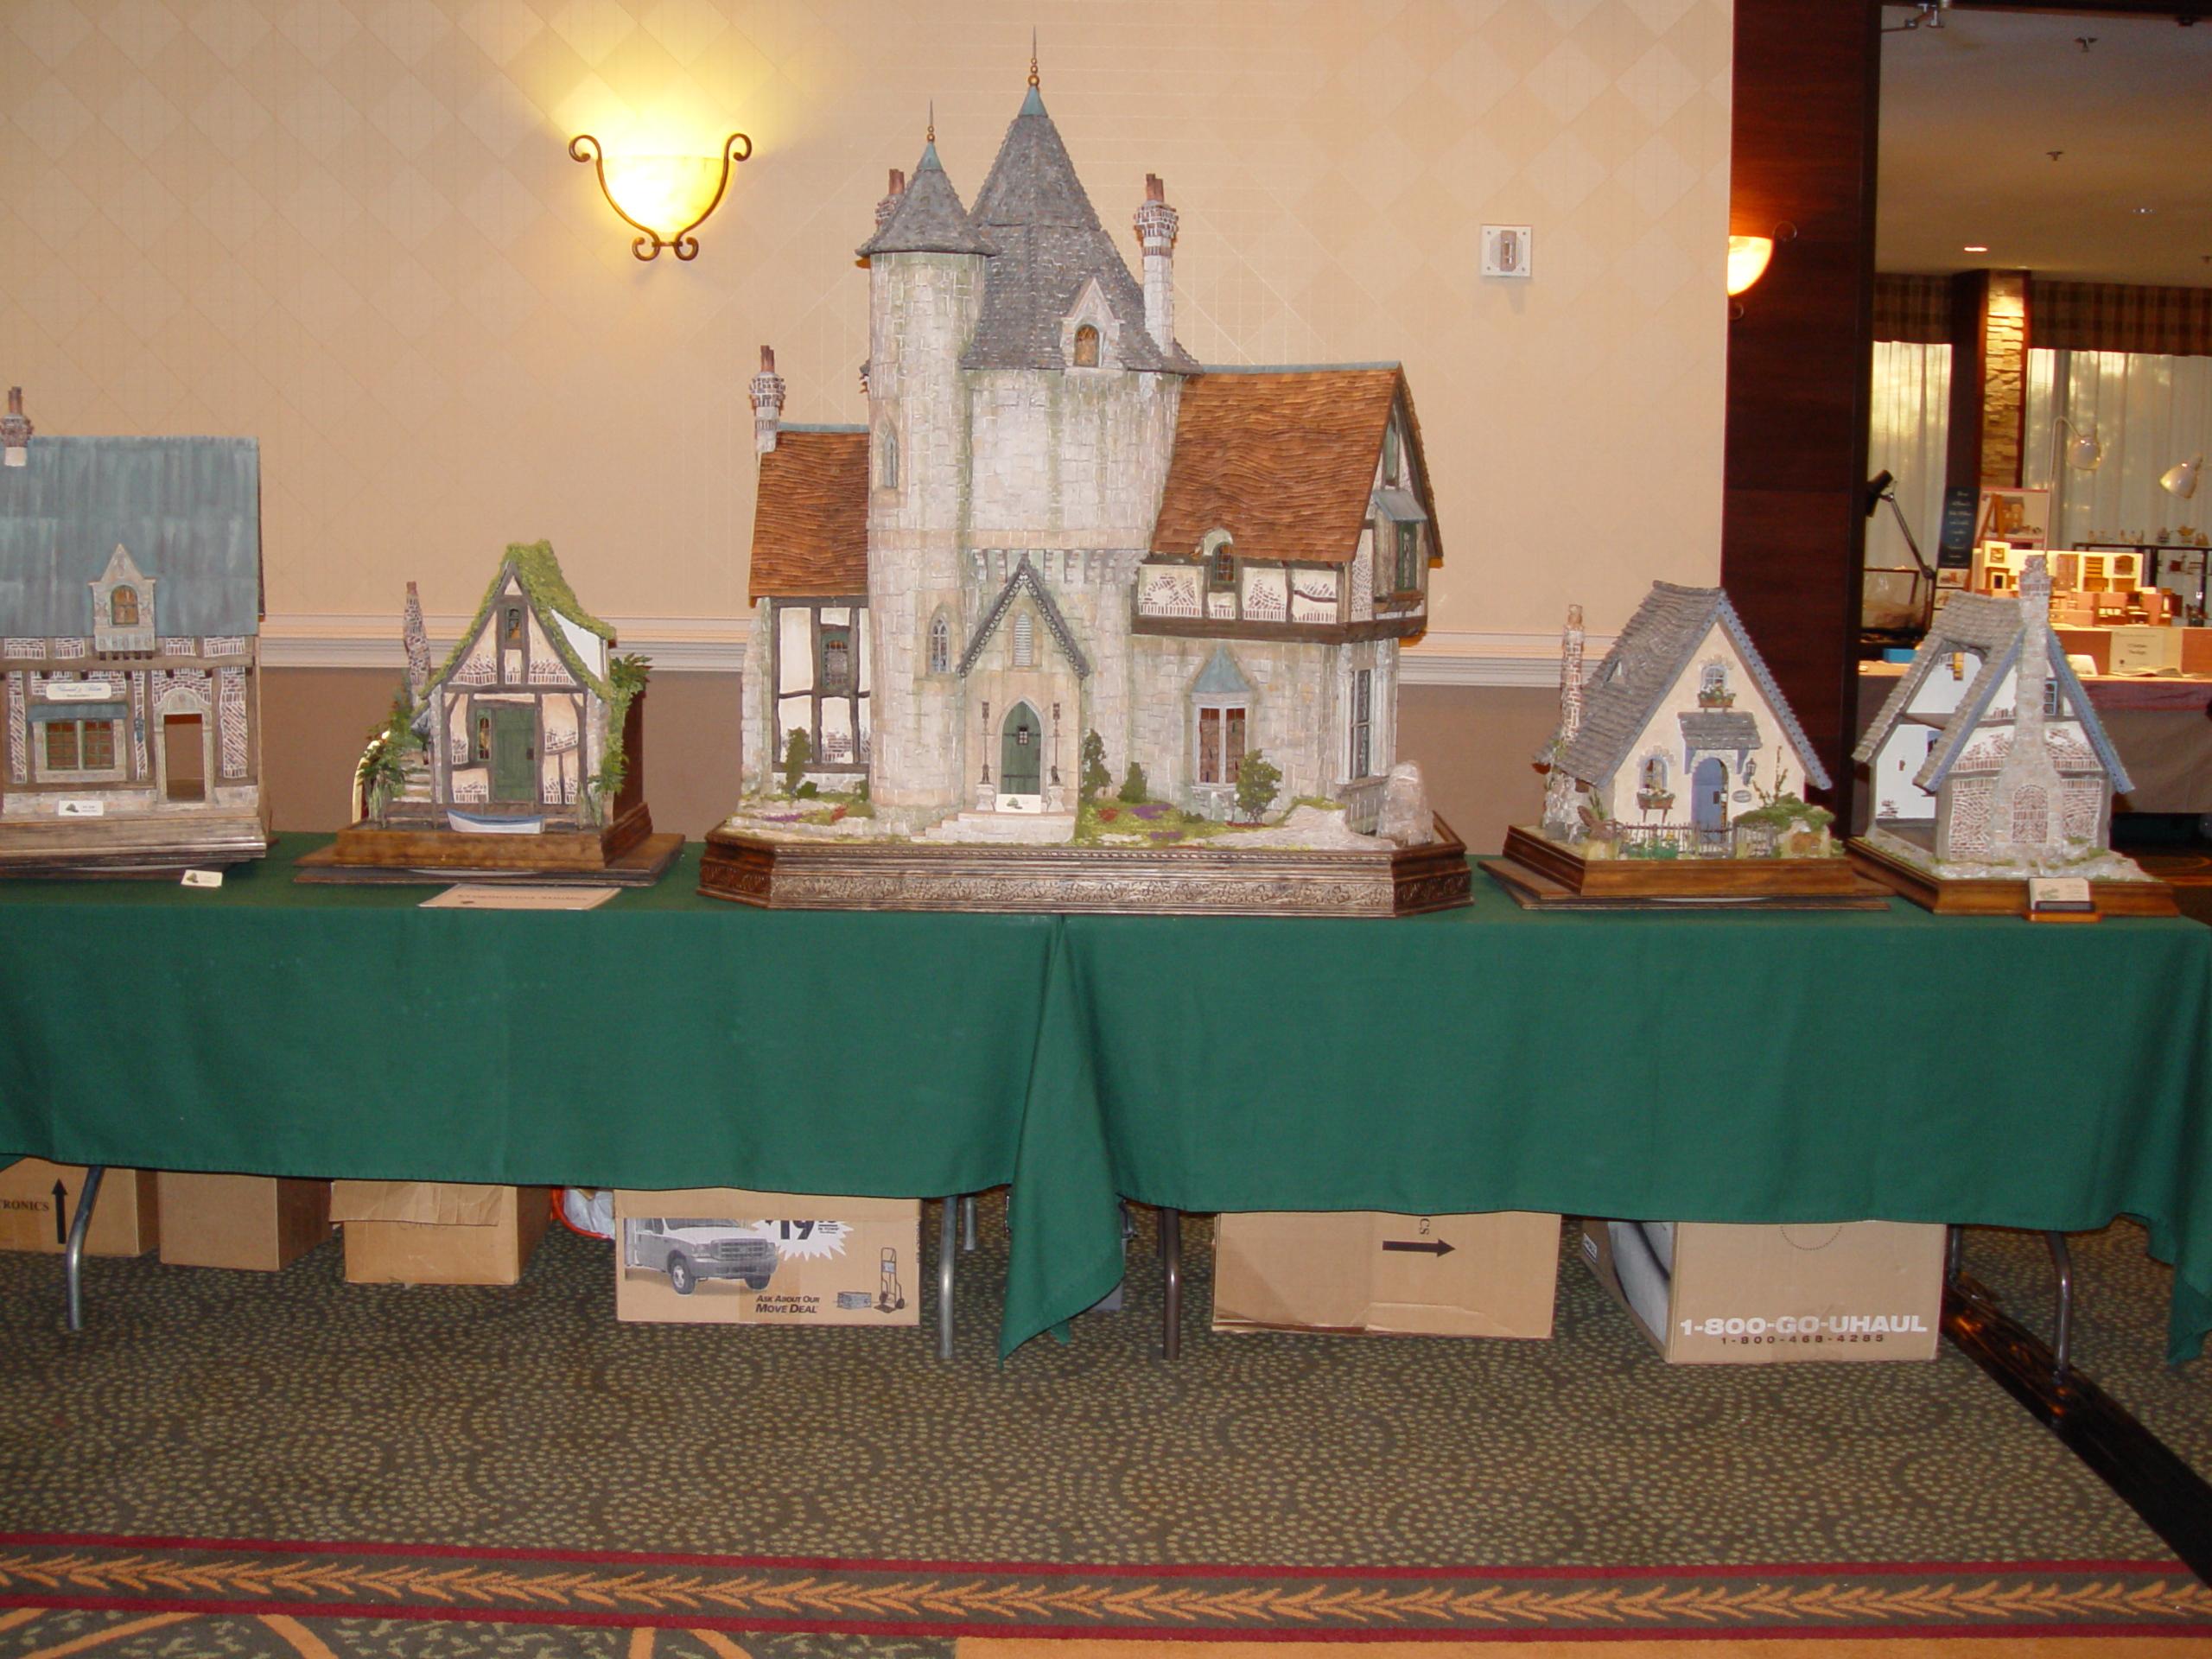 Philadelphia Miniature Display